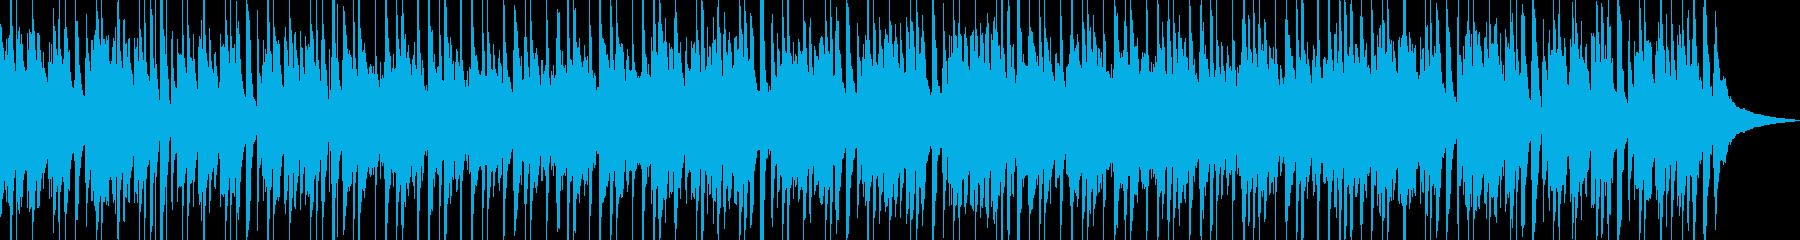 ワールド 民族 レゲエ スカし 民...の再生済みの波形